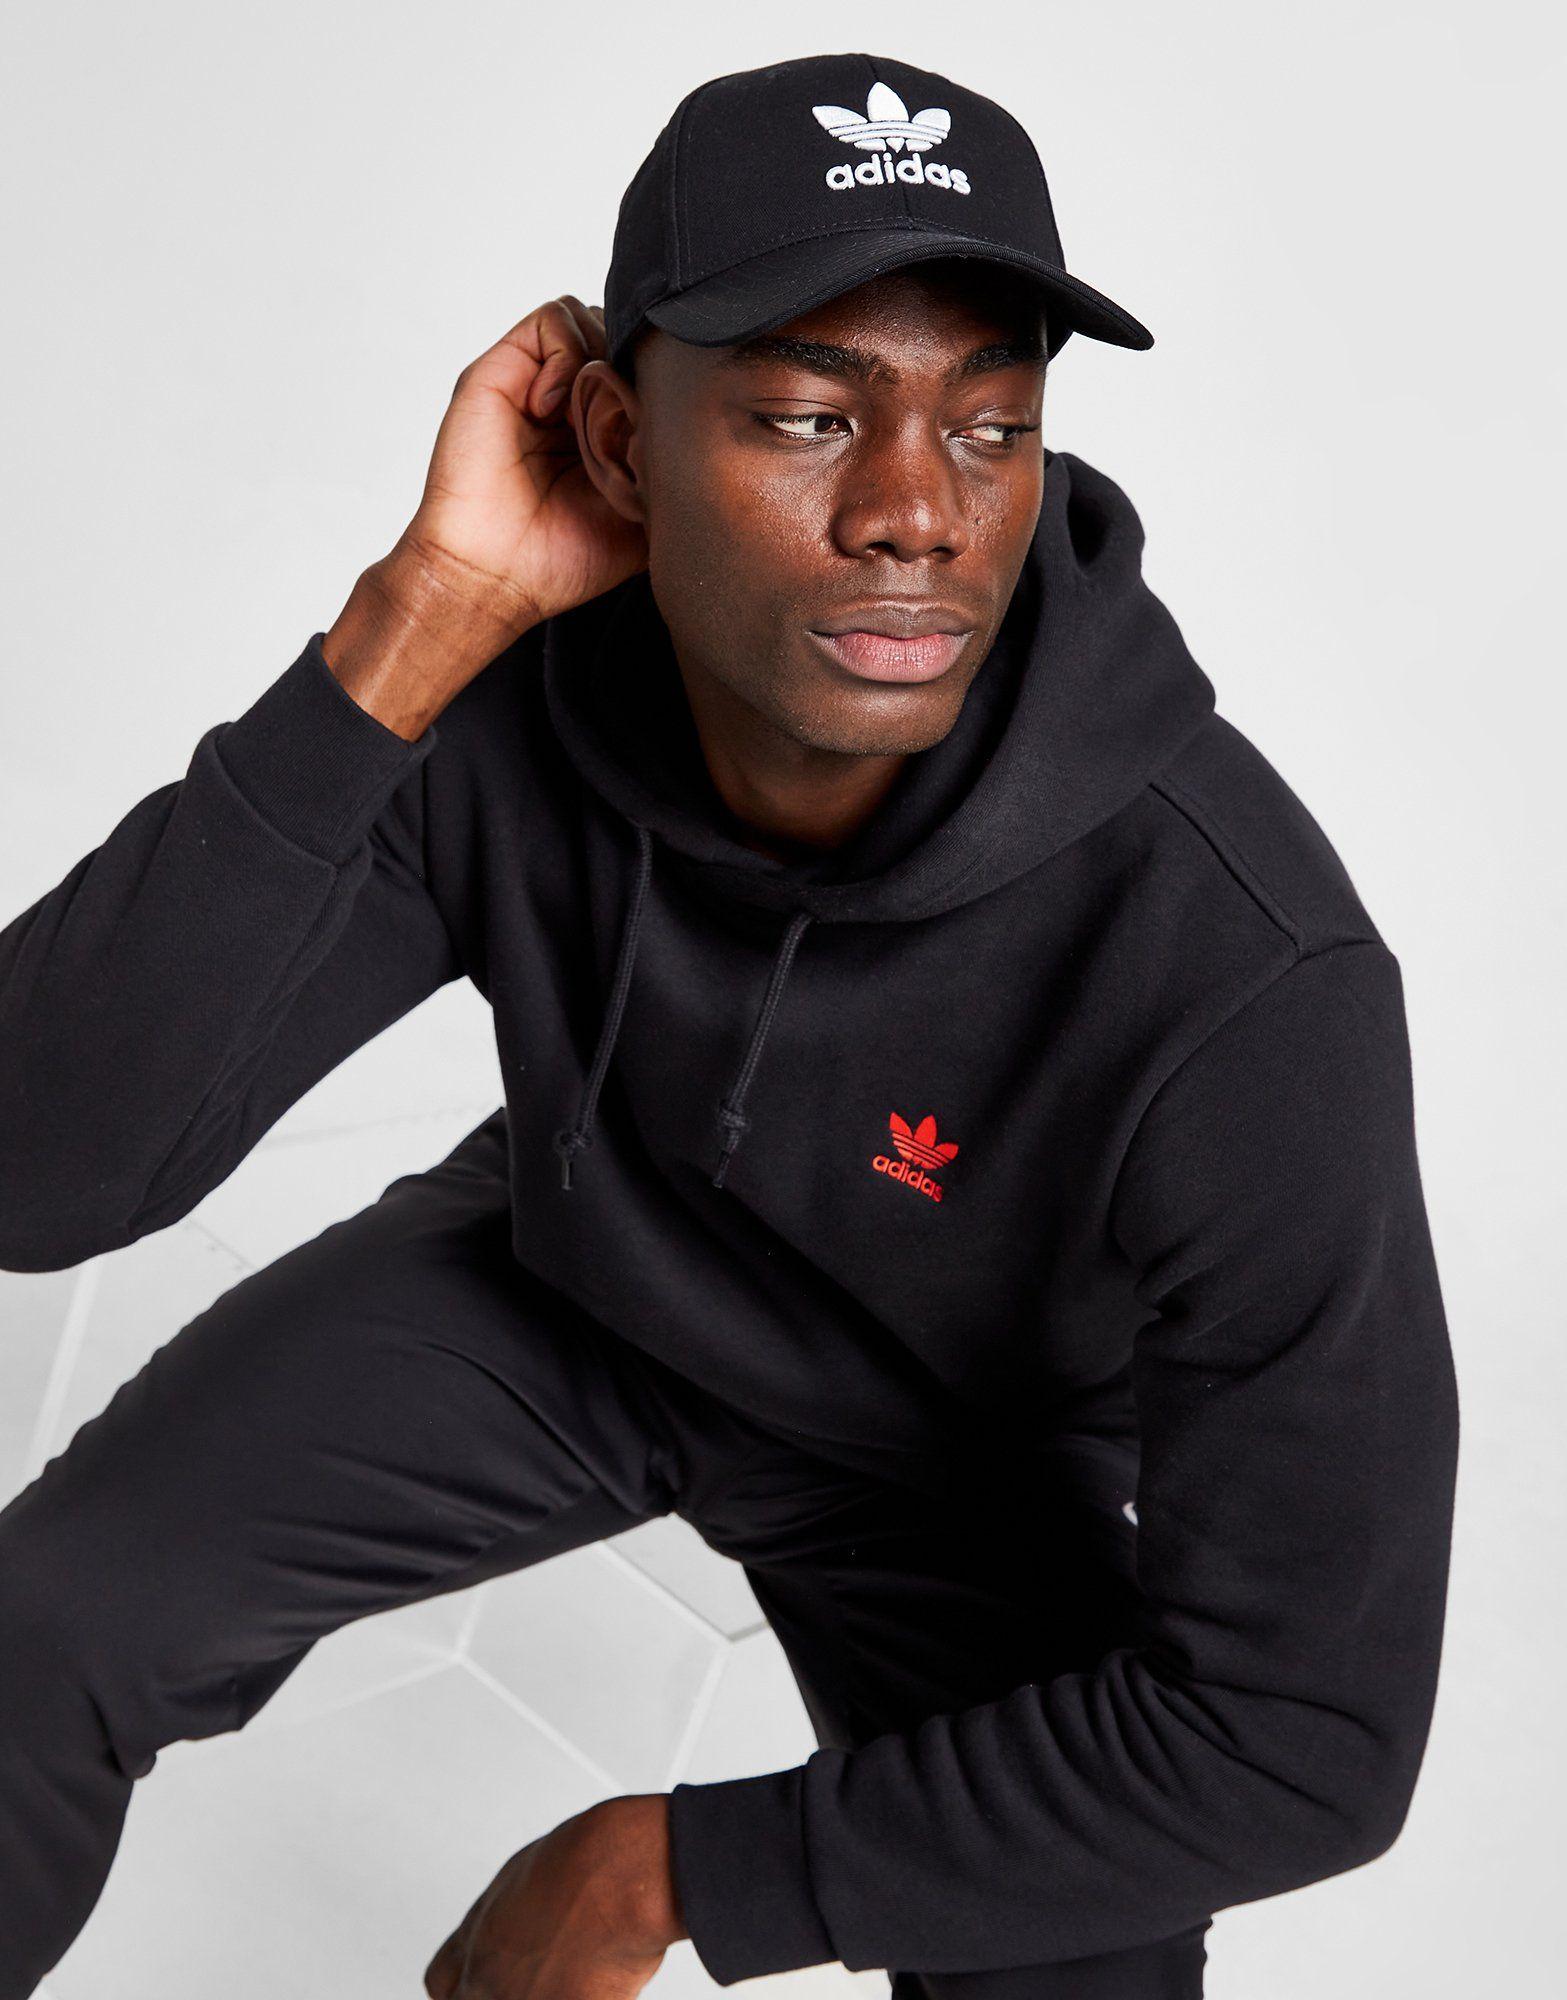 2dee8acb69652 adidas Originals Classic Trefoil Cap